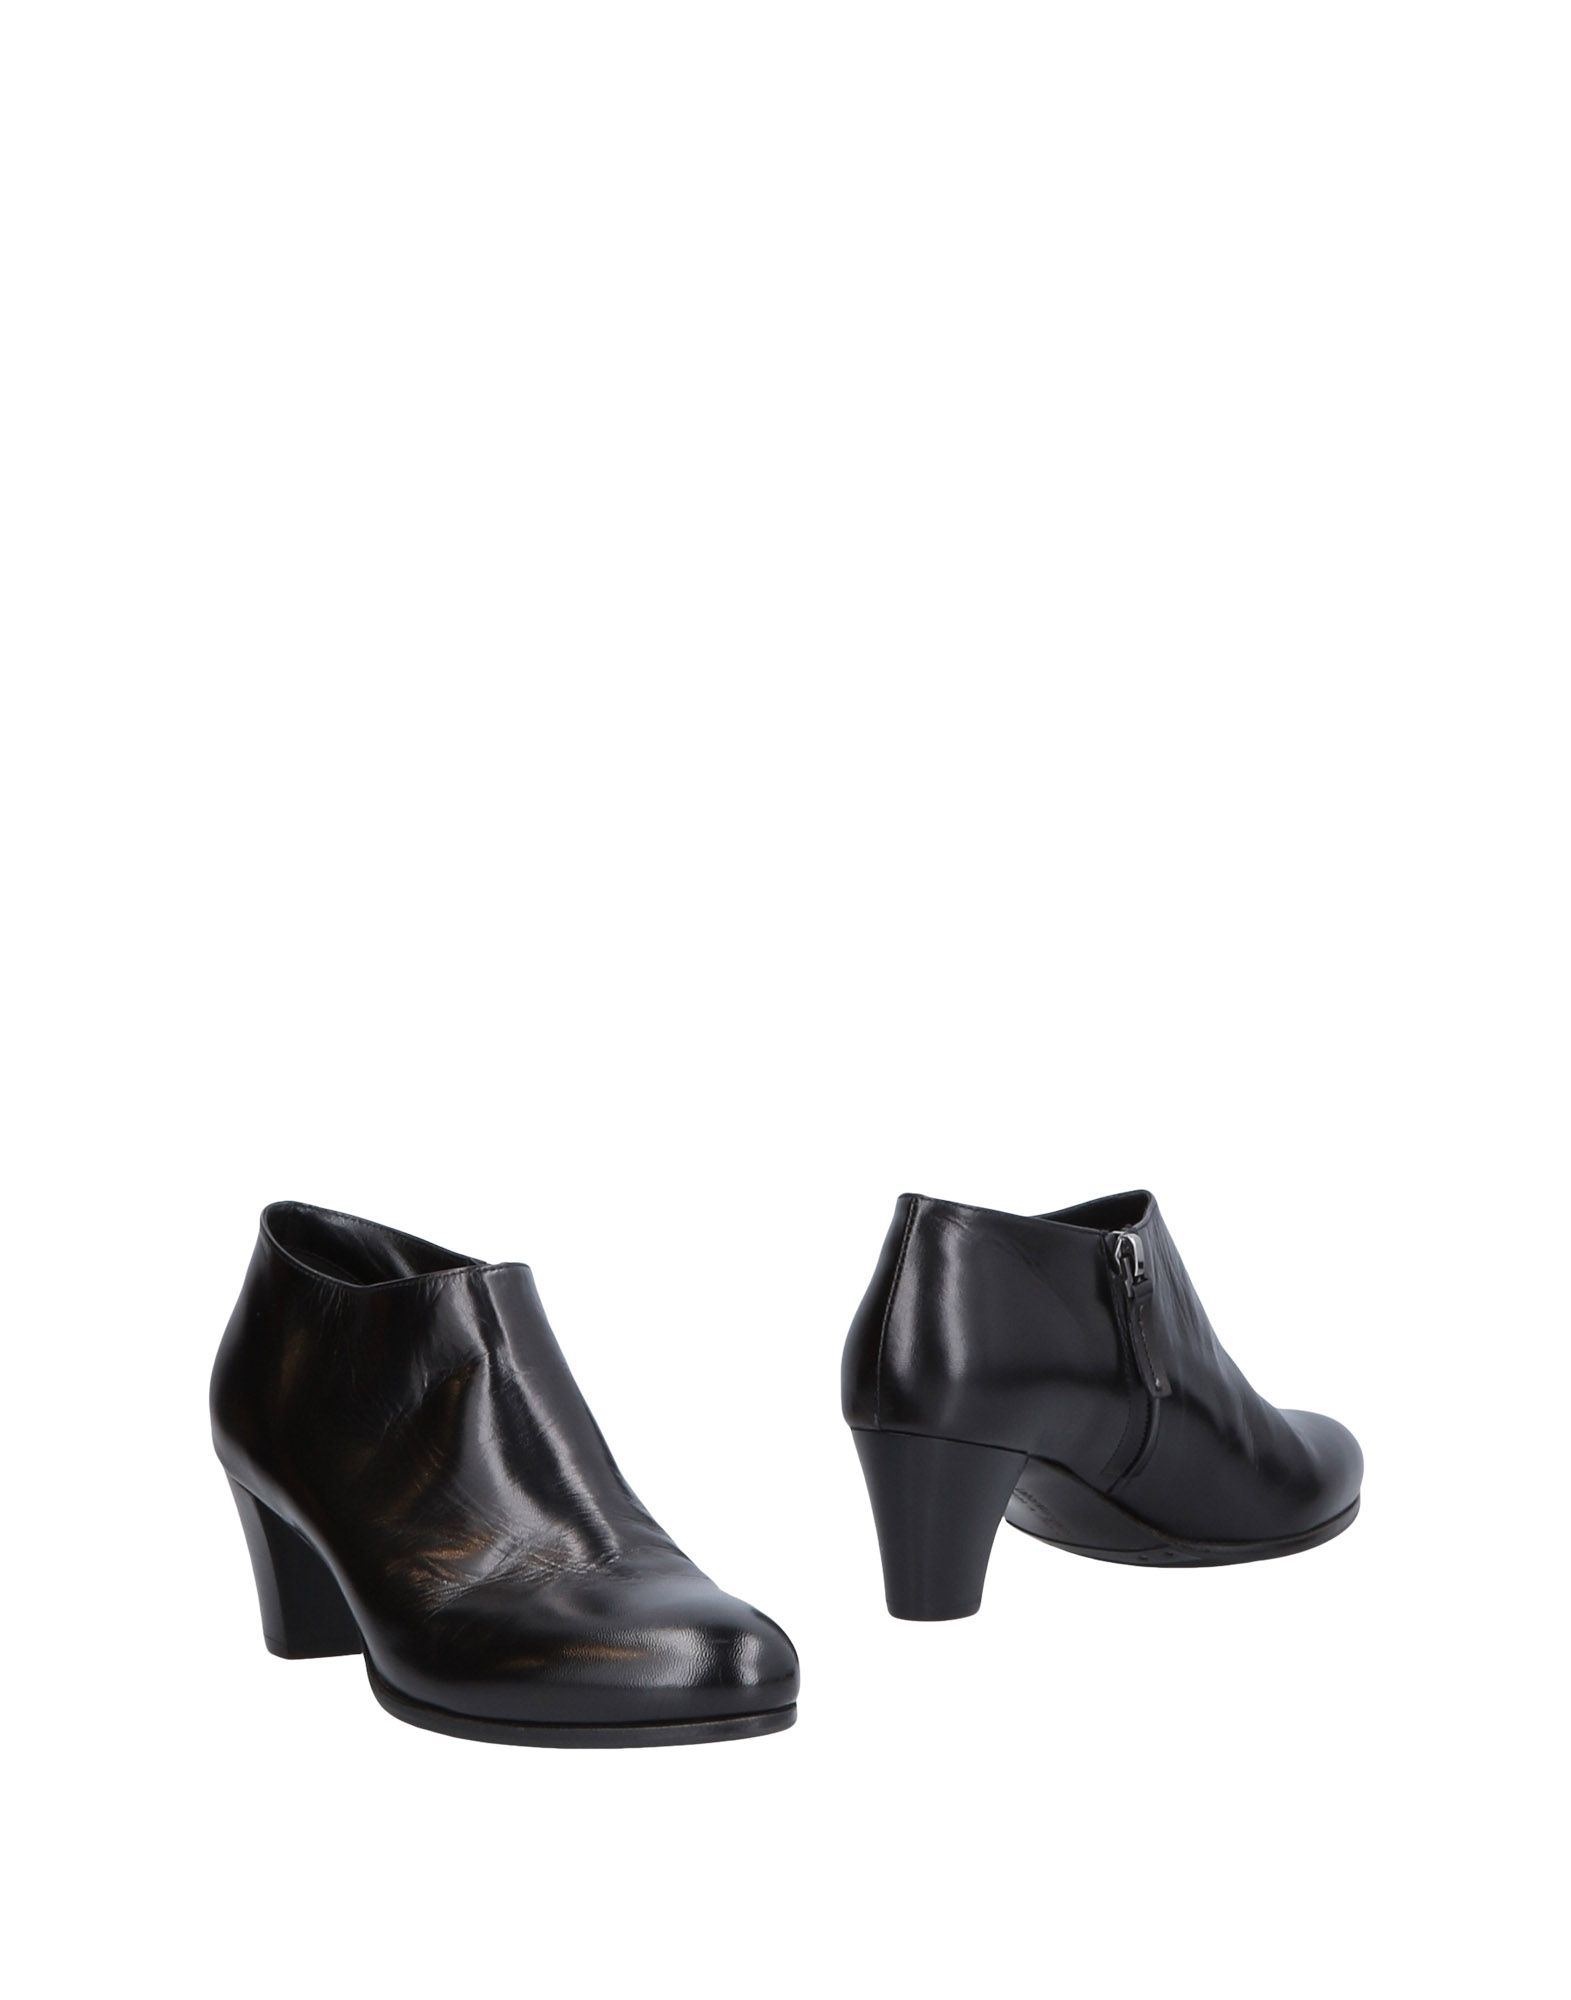 Laboratorigarbo Stiefelette  Damen  Stiefelette 11461705OX Heiße Schuhe 097c31